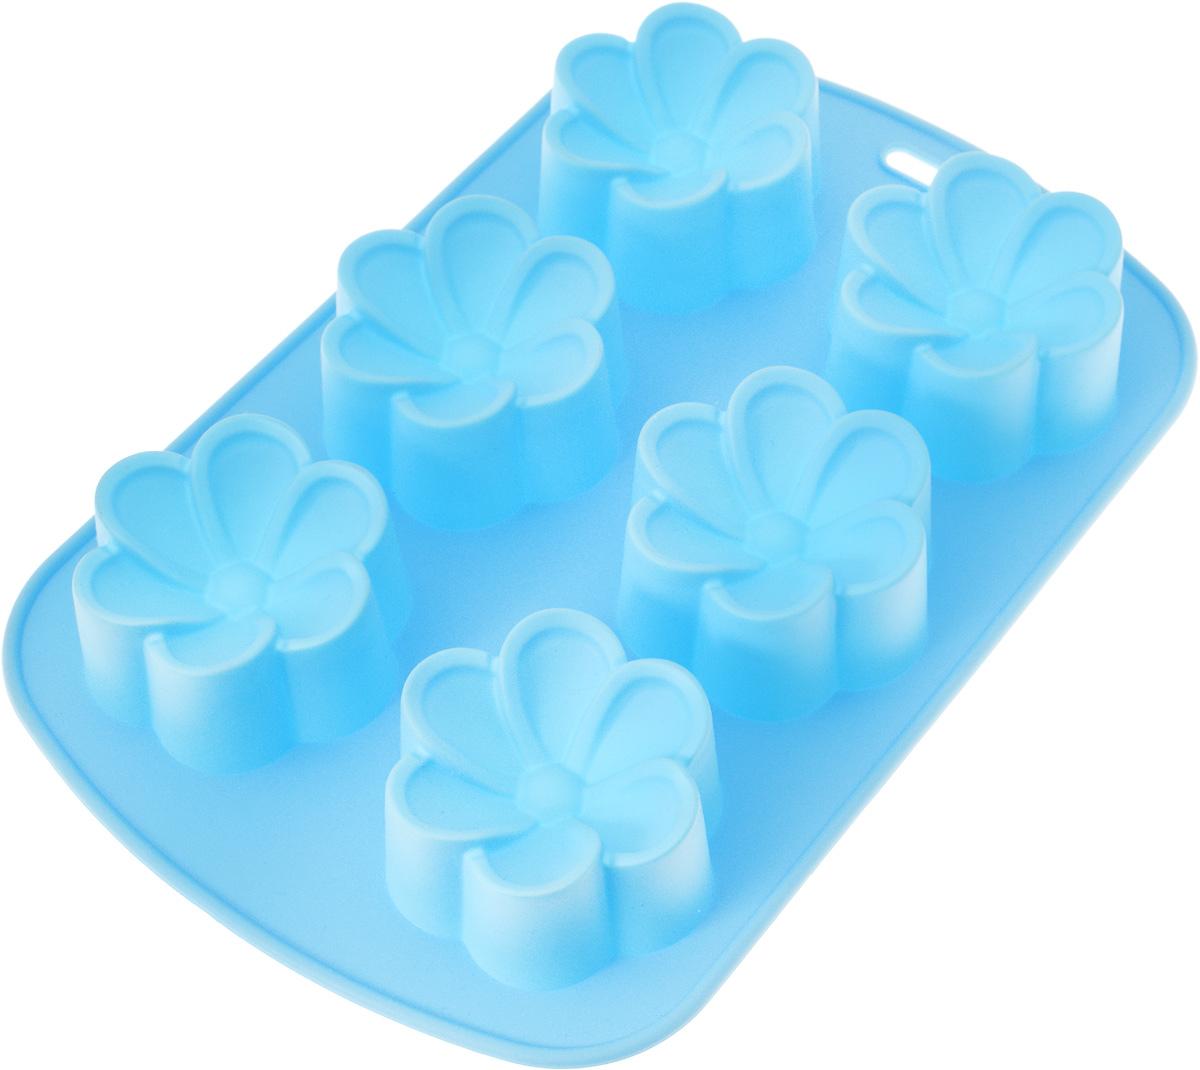 Форма для выпечки Mayer & Boch Ромашки, силиконовая, цвет: голубой, 6 ячеек21979_голубойФорма Mayer & Boch Ромашки, выполненная из силикона, будет отличным выбором для всех любителей домашней выпечки. Форма имеет 6 ячеек в виде цветков. Силиконовые формы для выпечки имеют множество преимуществ по сравнению с традиционными металлическими формами и противнями. Нет необходимости смазывать форму маслом. Форма быстро нагревается, равномерно пропекает, не допускает подгорания выпечки с краев или снизу. Вынимать продукты из формы очень легко. Слегка выверните края формы или оттяните в сторону, и ваша выпечка легко выскользнет из формы. Материал устойчив к фруктовым кислотам, не ржавеет, на нем не образуются пятна. Форма может быть использована в духовках и микроволновых печах (выдерживает температуру от -40°С до +230°С), также ее можно помещать в морозильную камеру и холодильник. Можно мыть в посудомоечной машине. Размер ячейки: 6 х 7 х 3 см.